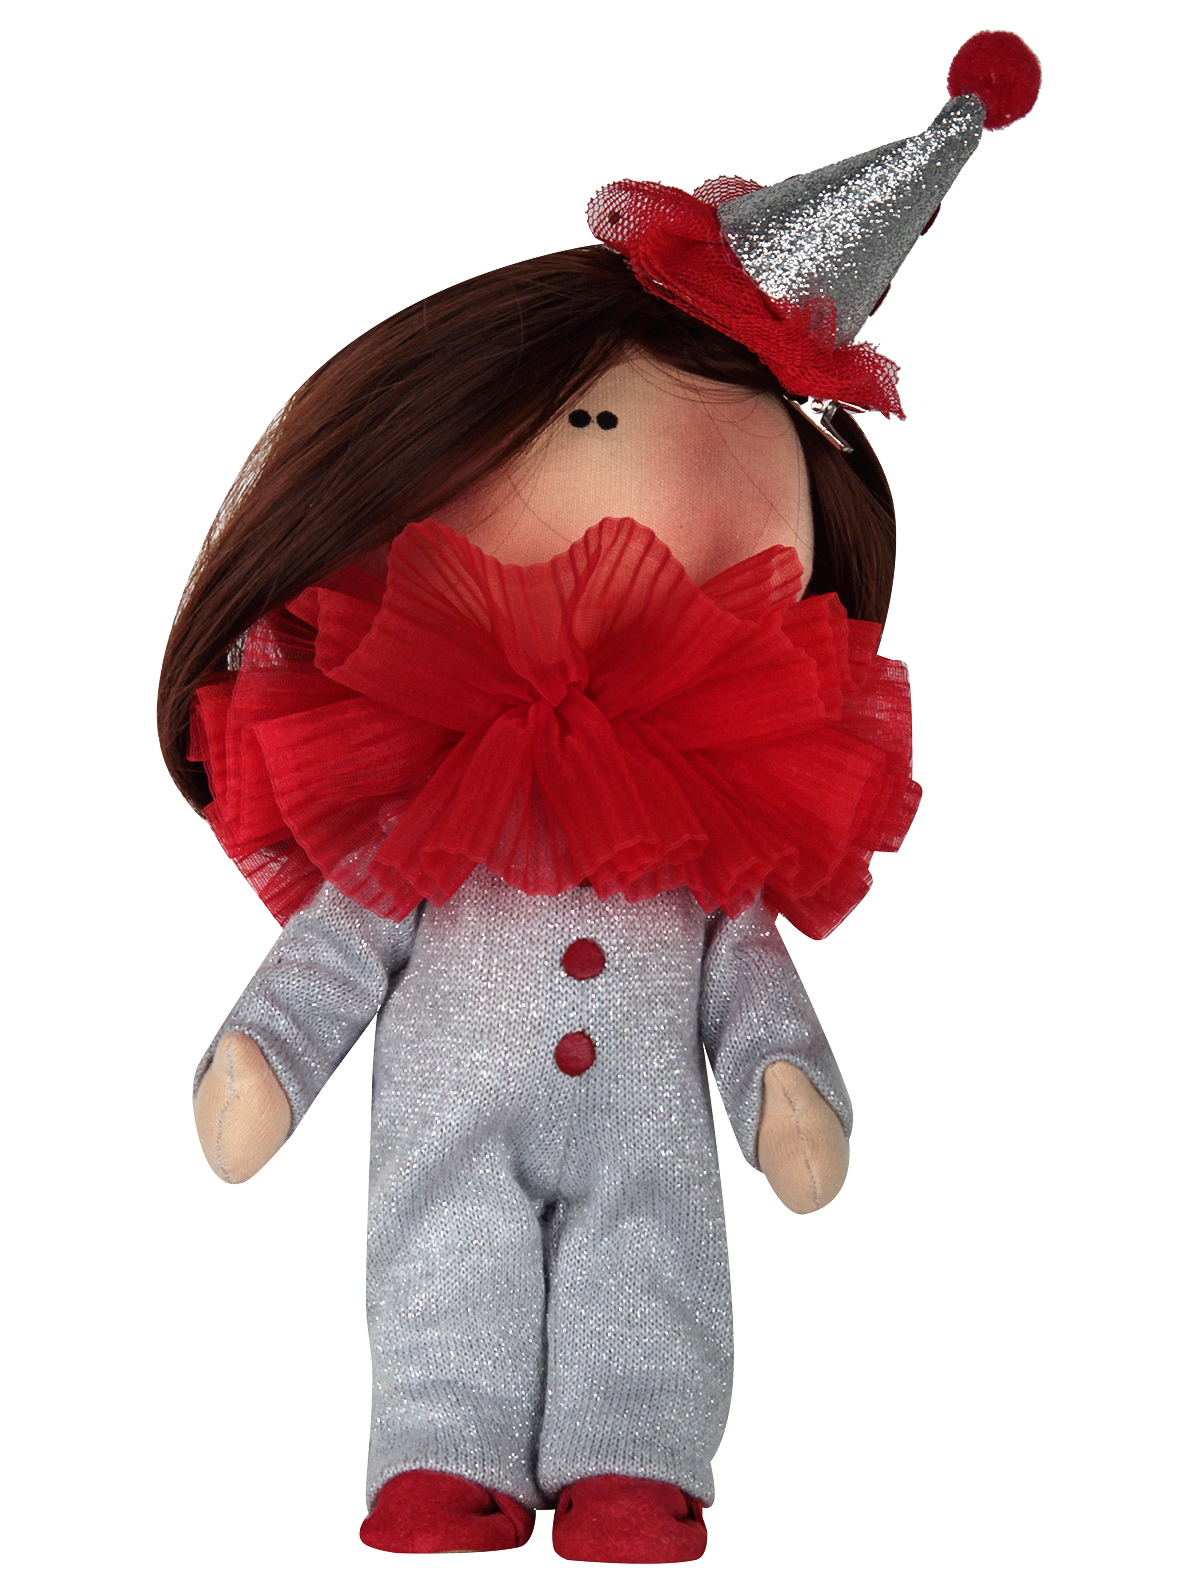 Купить 2146873, Кукла Carolon, разноцветный, 7114220980028